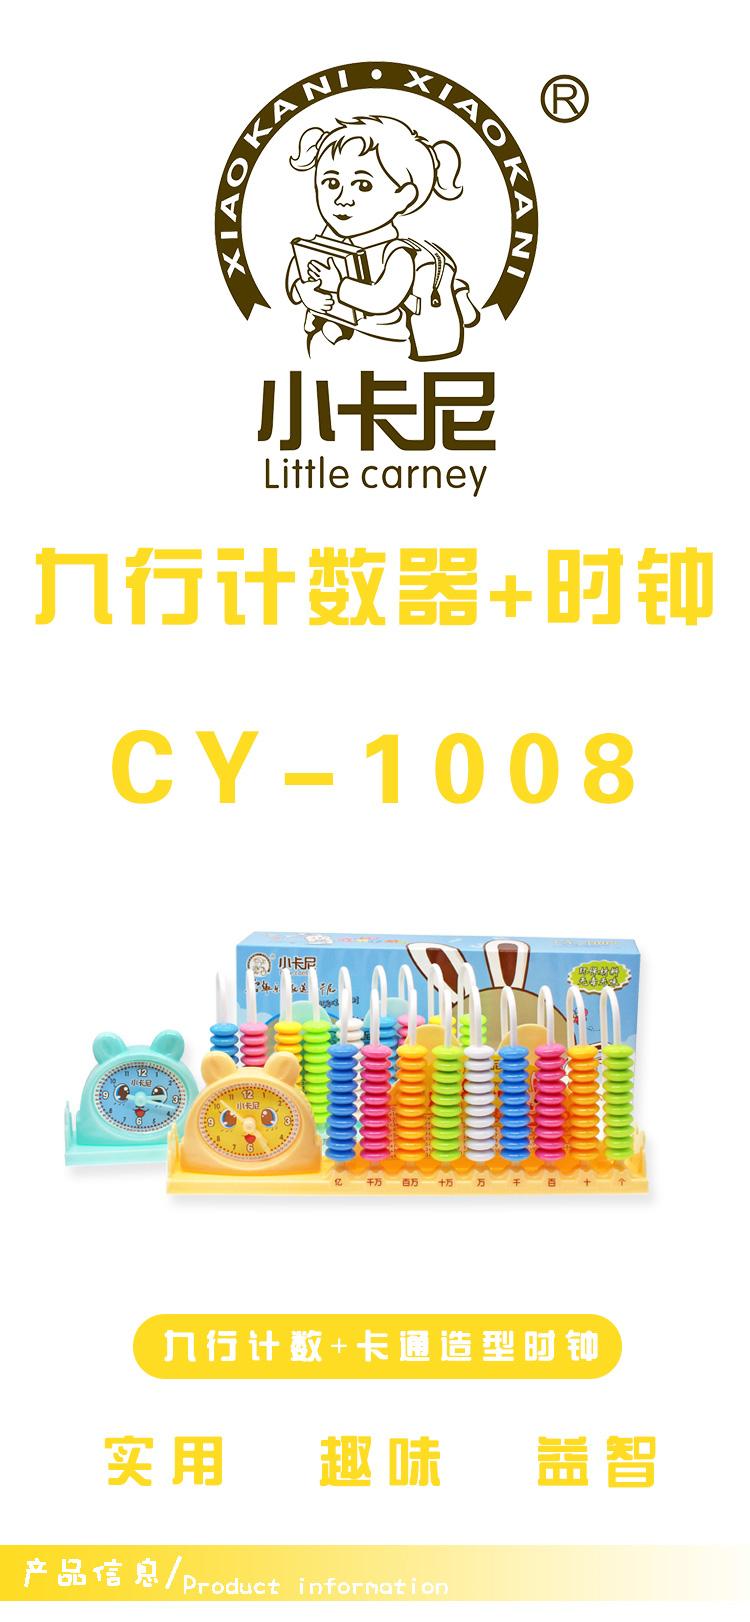 CY-1008_01.jpg